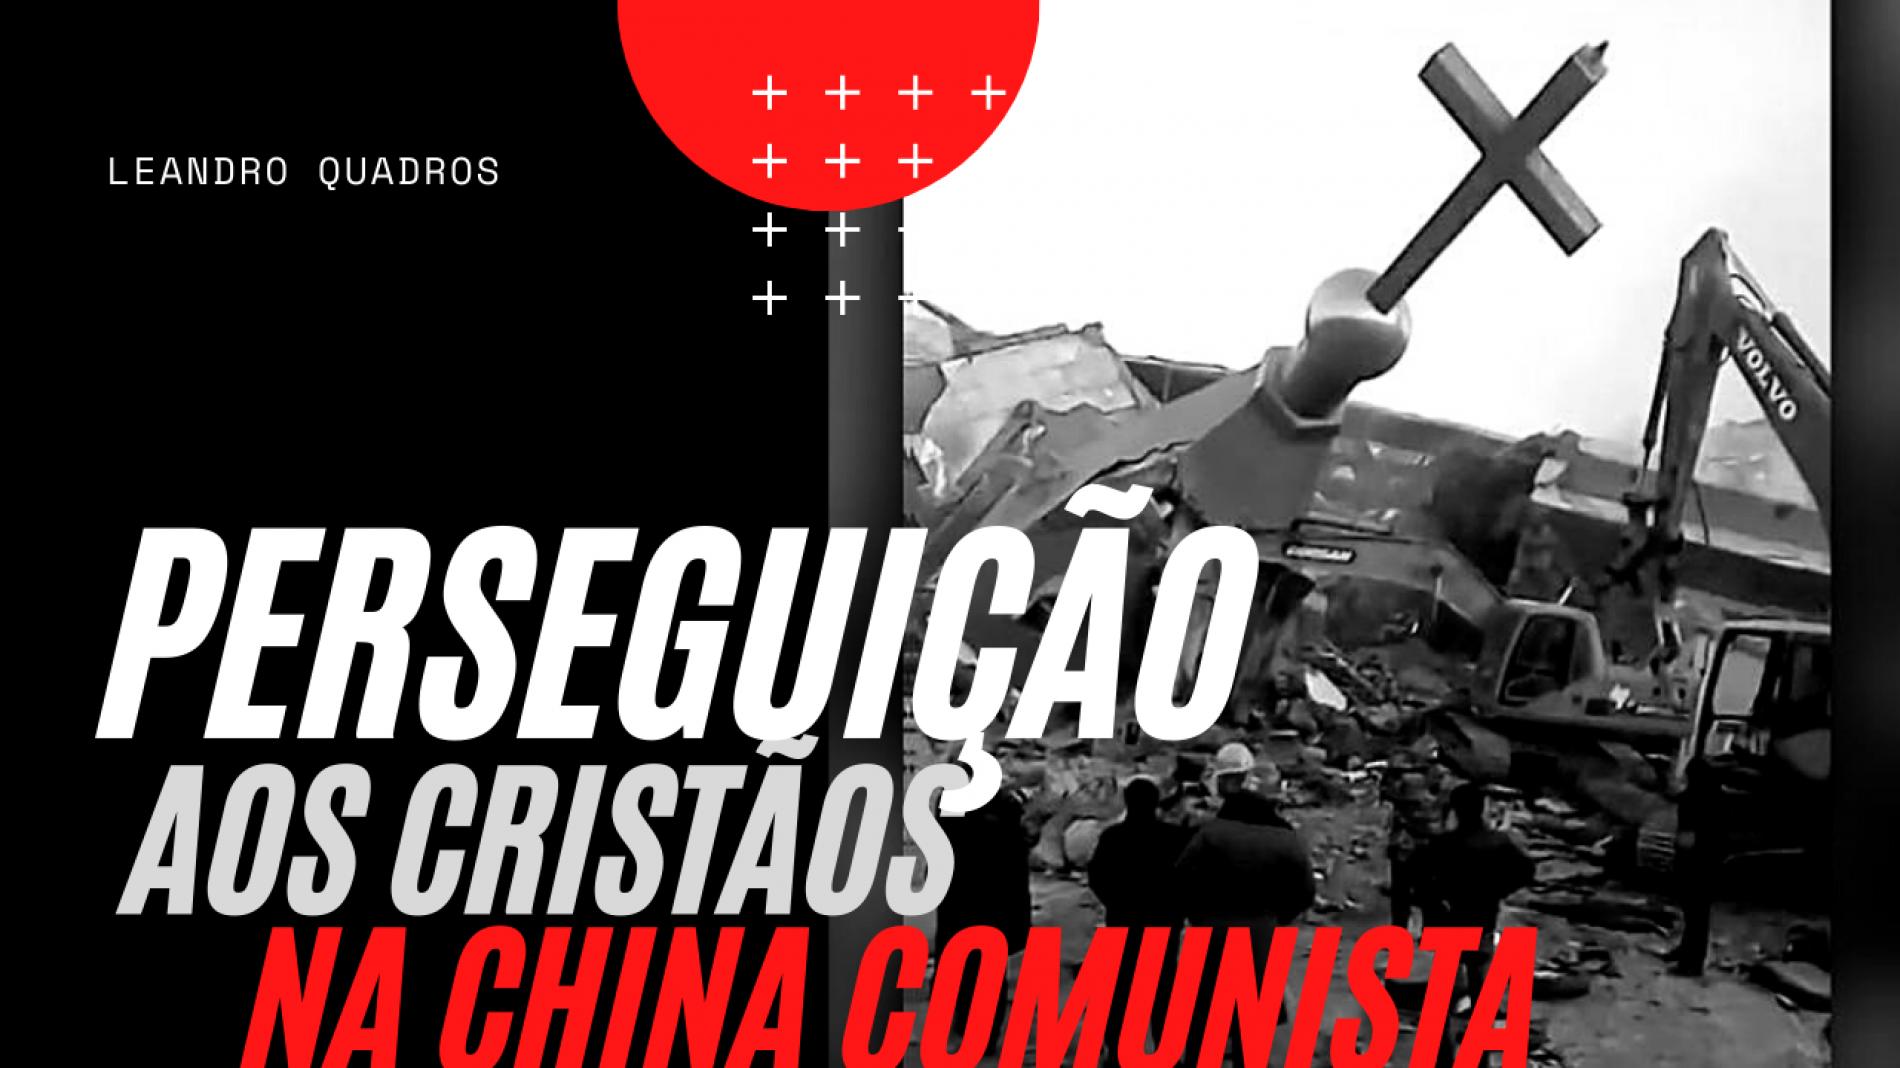 Perseguição aos Cristãos na China Comunista